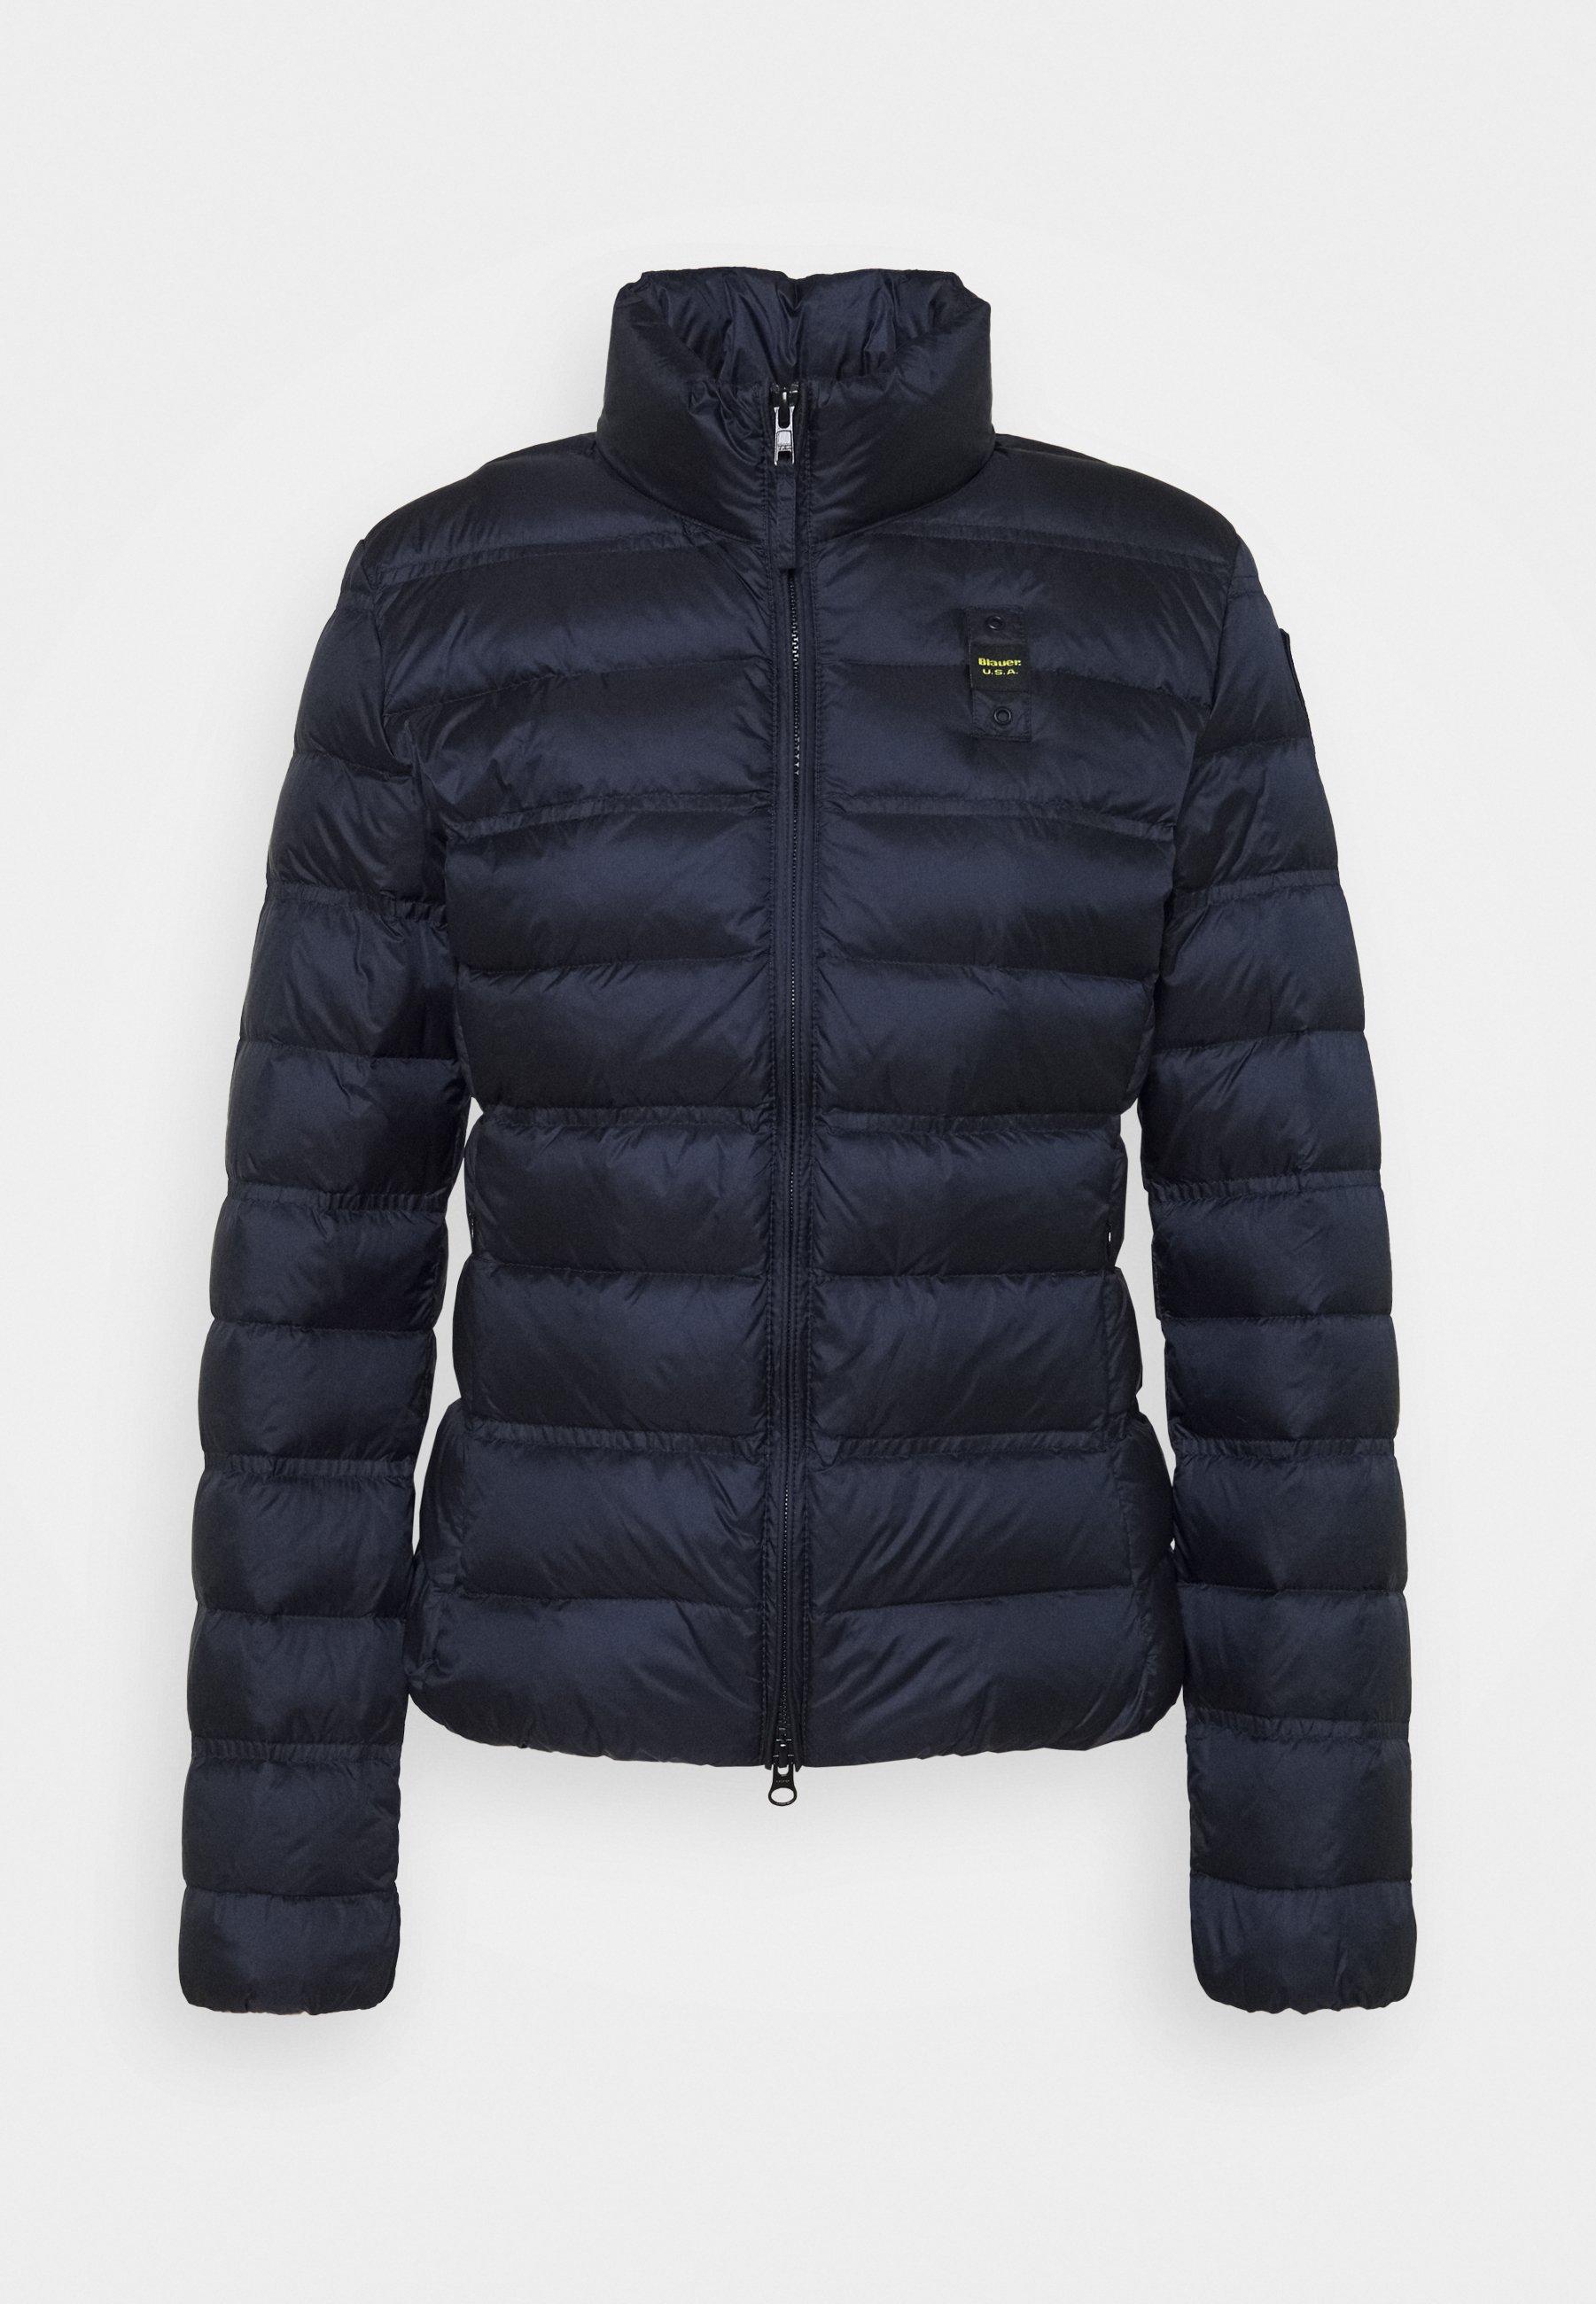 Blauer Jacken für Damen versandkostenfrei kaufen | ZALANDO